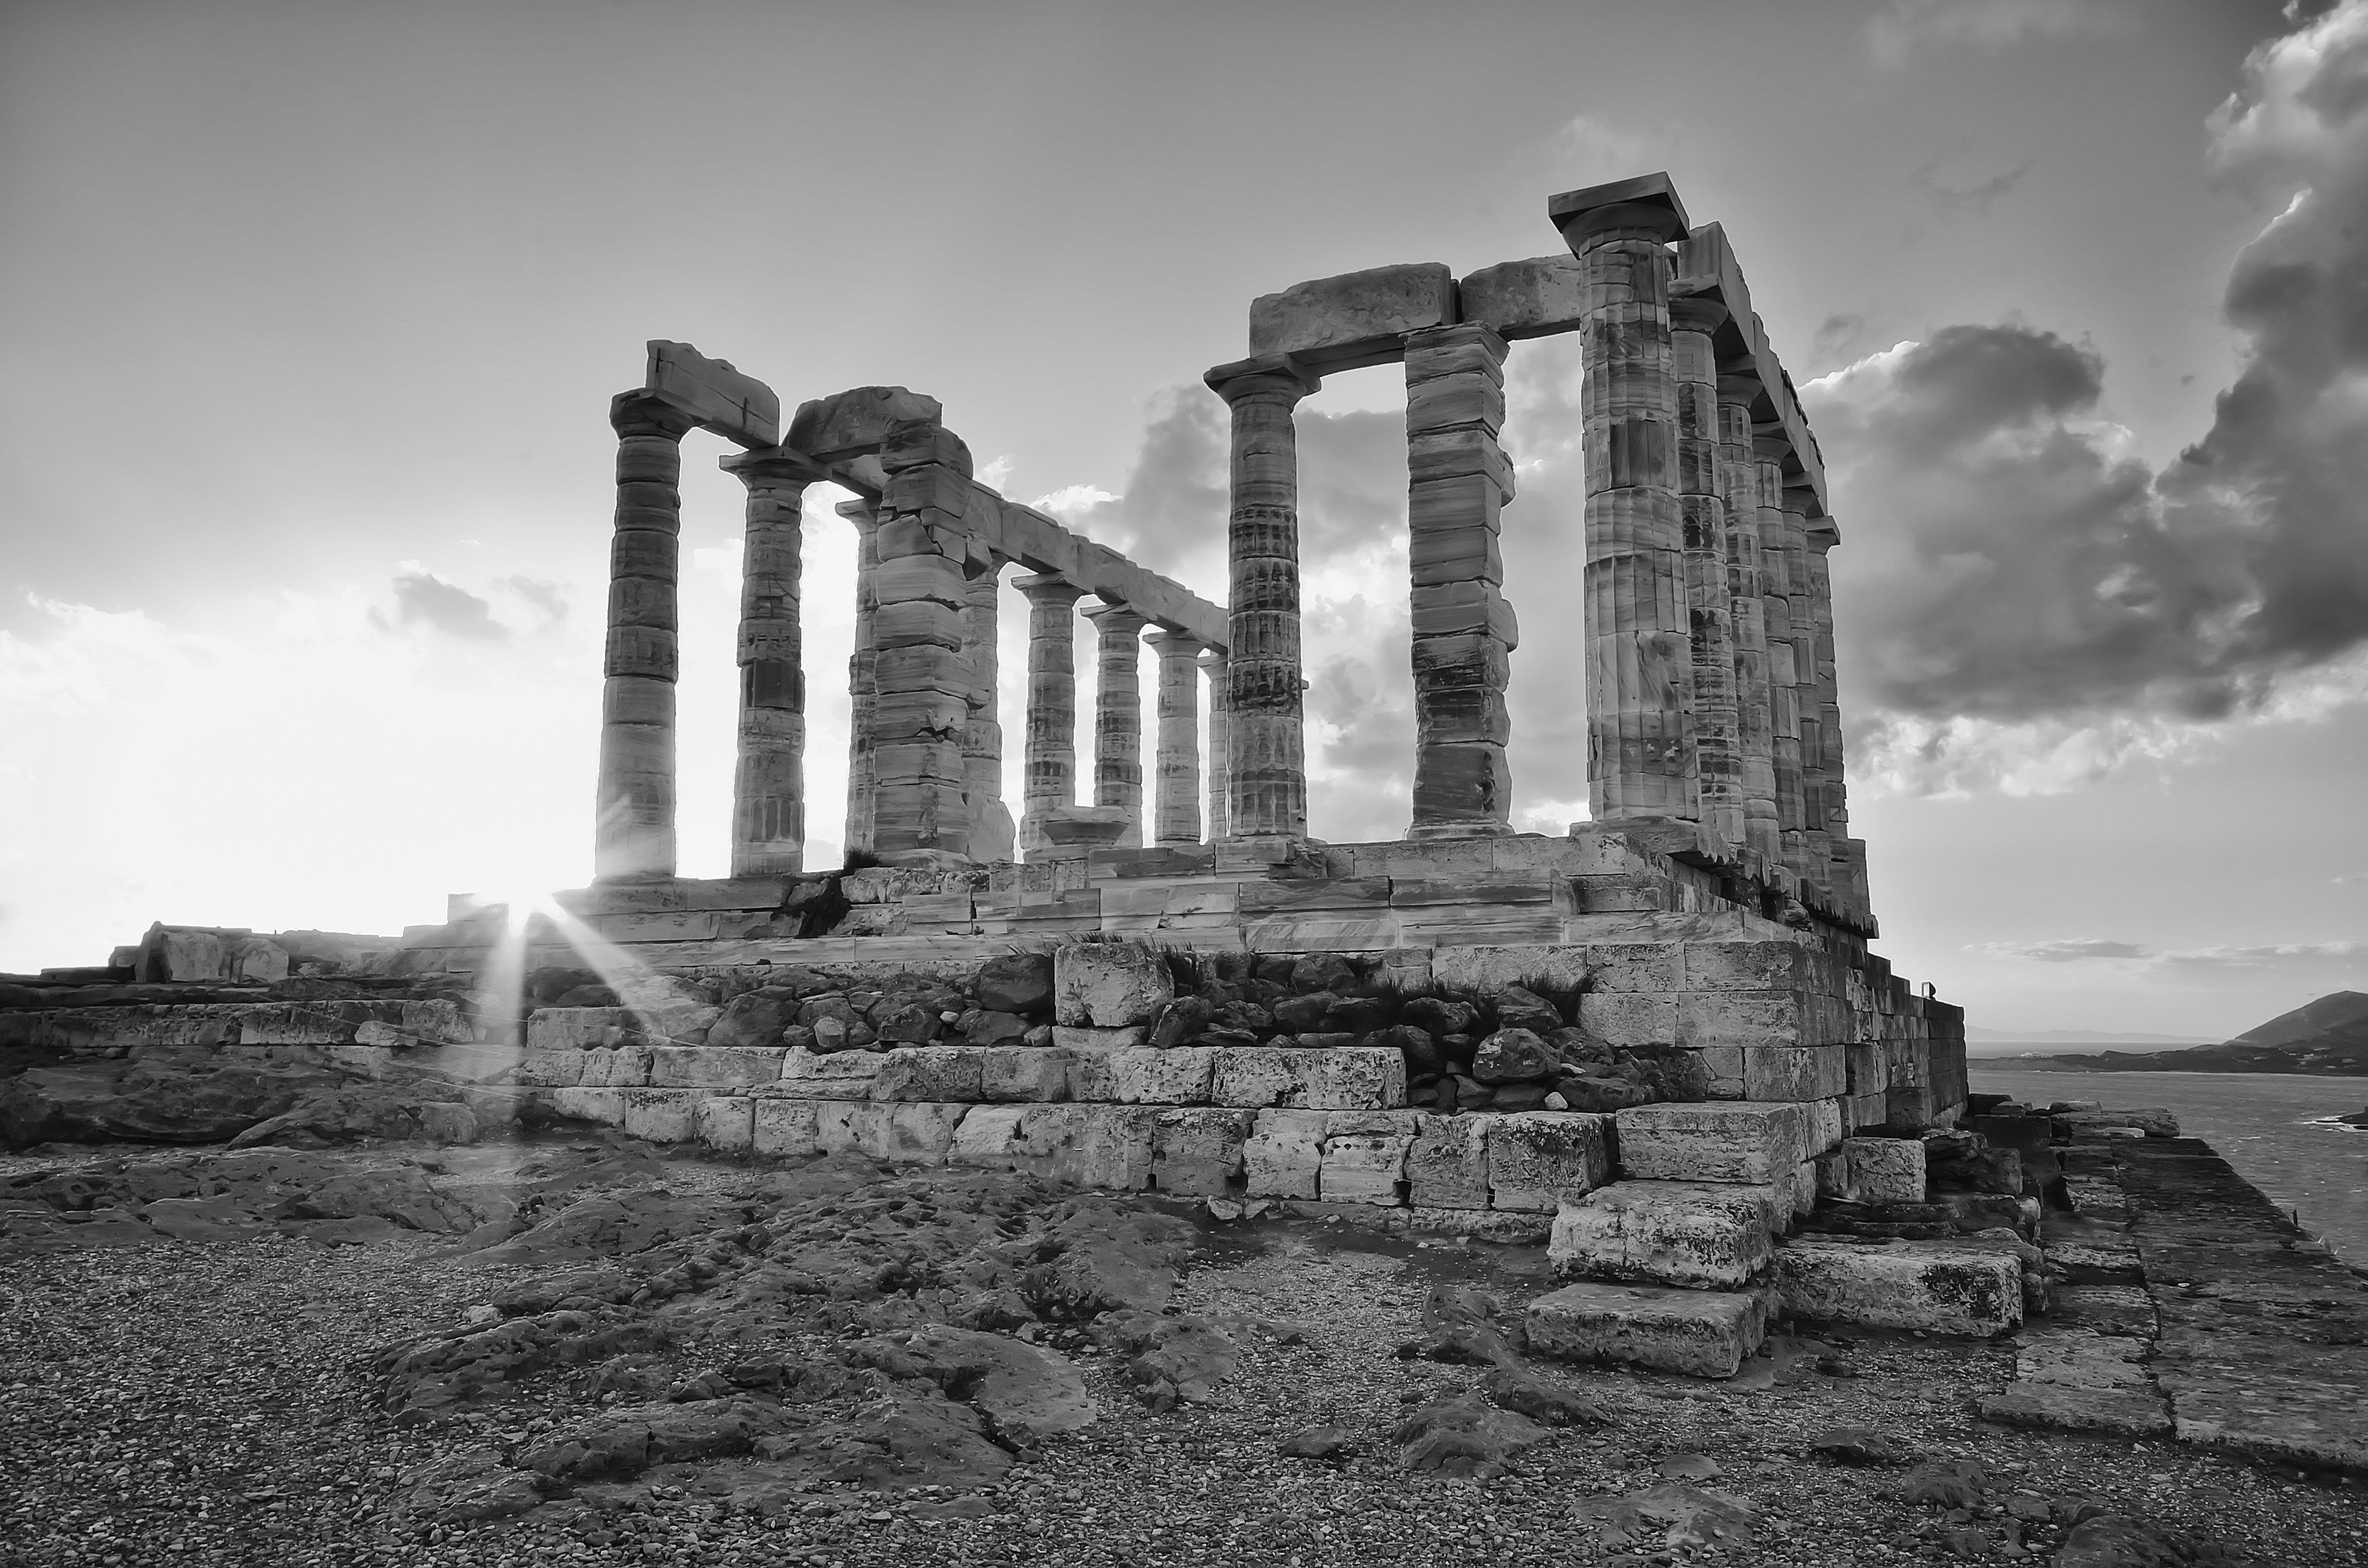 «Είναι απογοητευτικό να χρειάζεται υπουργική παρέμβαση για ένα αίτημα γυρισμάτων σε αρχαιολογικό χώρο», απαντά η Ελλ. Ακαδημί...